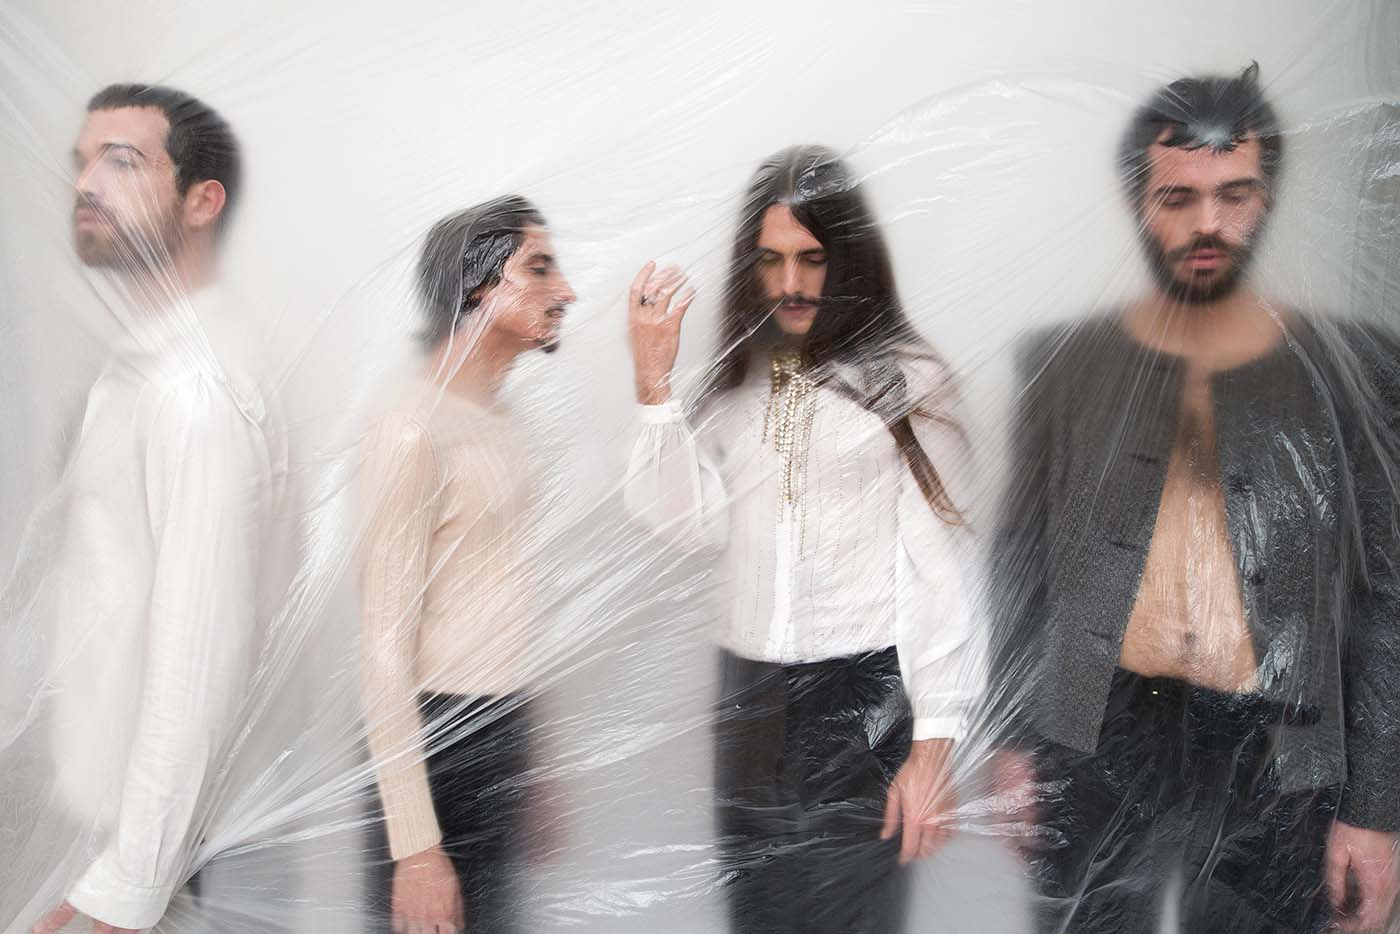 Estrenamos el nuevo single de Ljubliana & The Seawolf